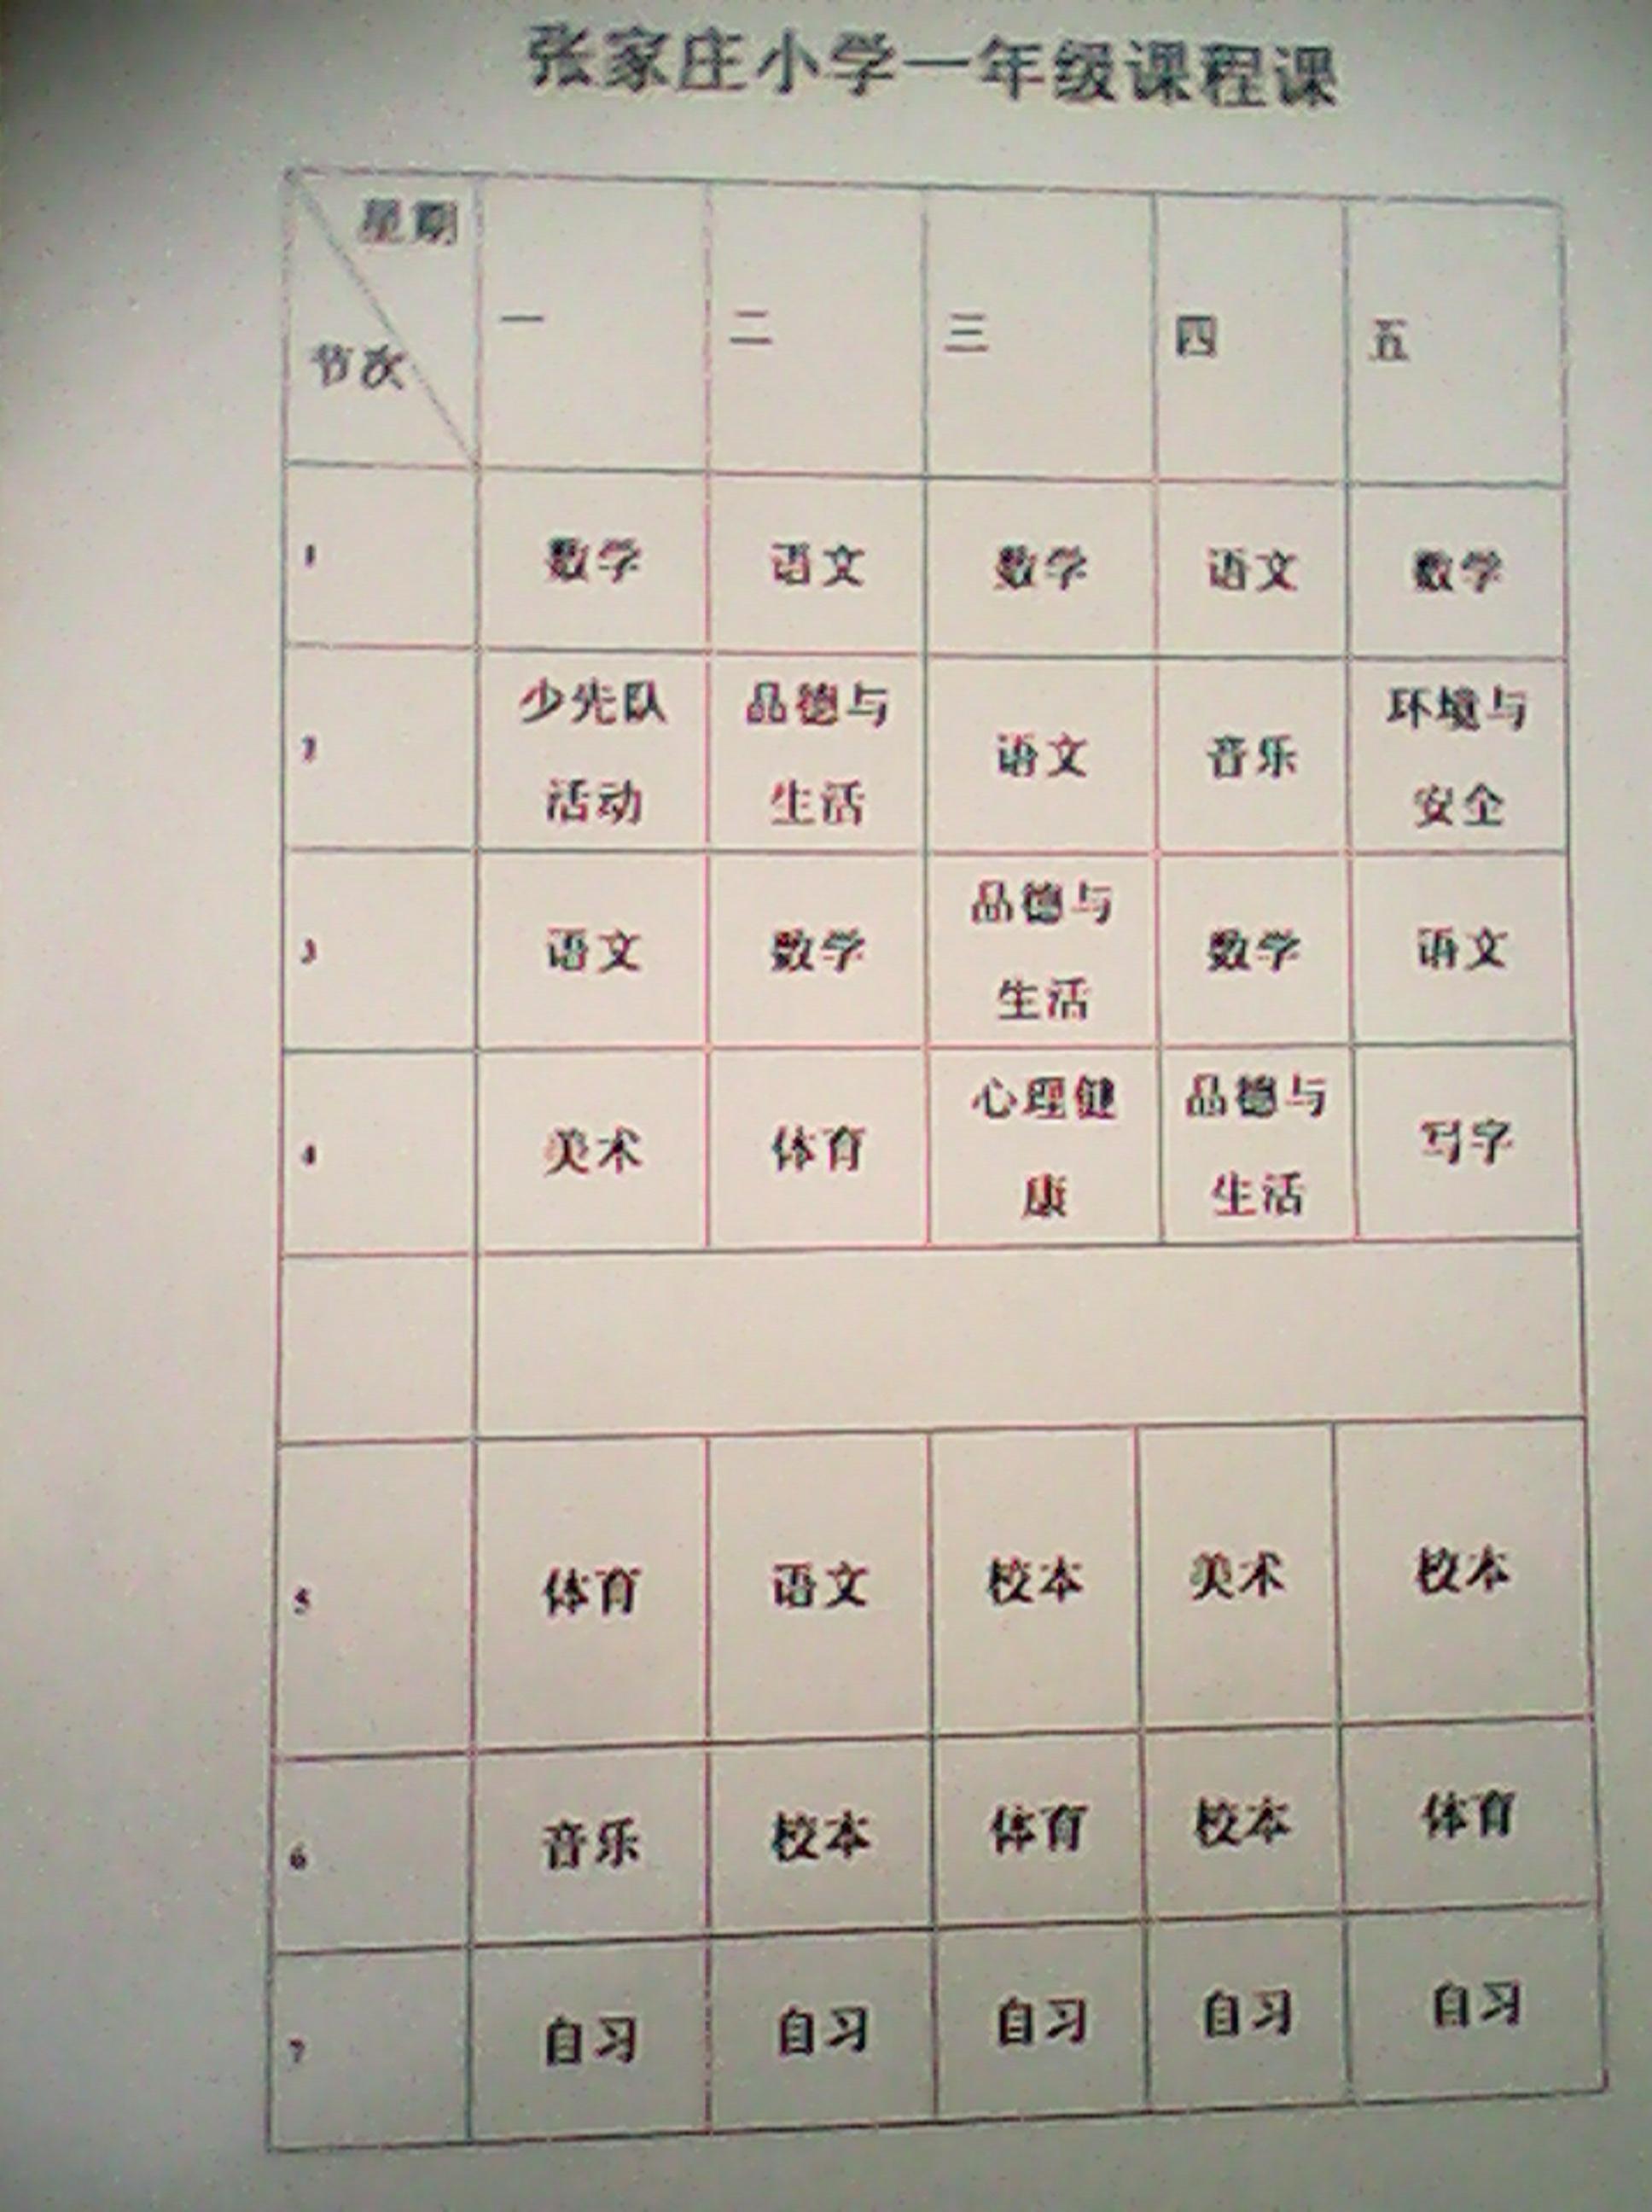 张家庄小学一年级课程表